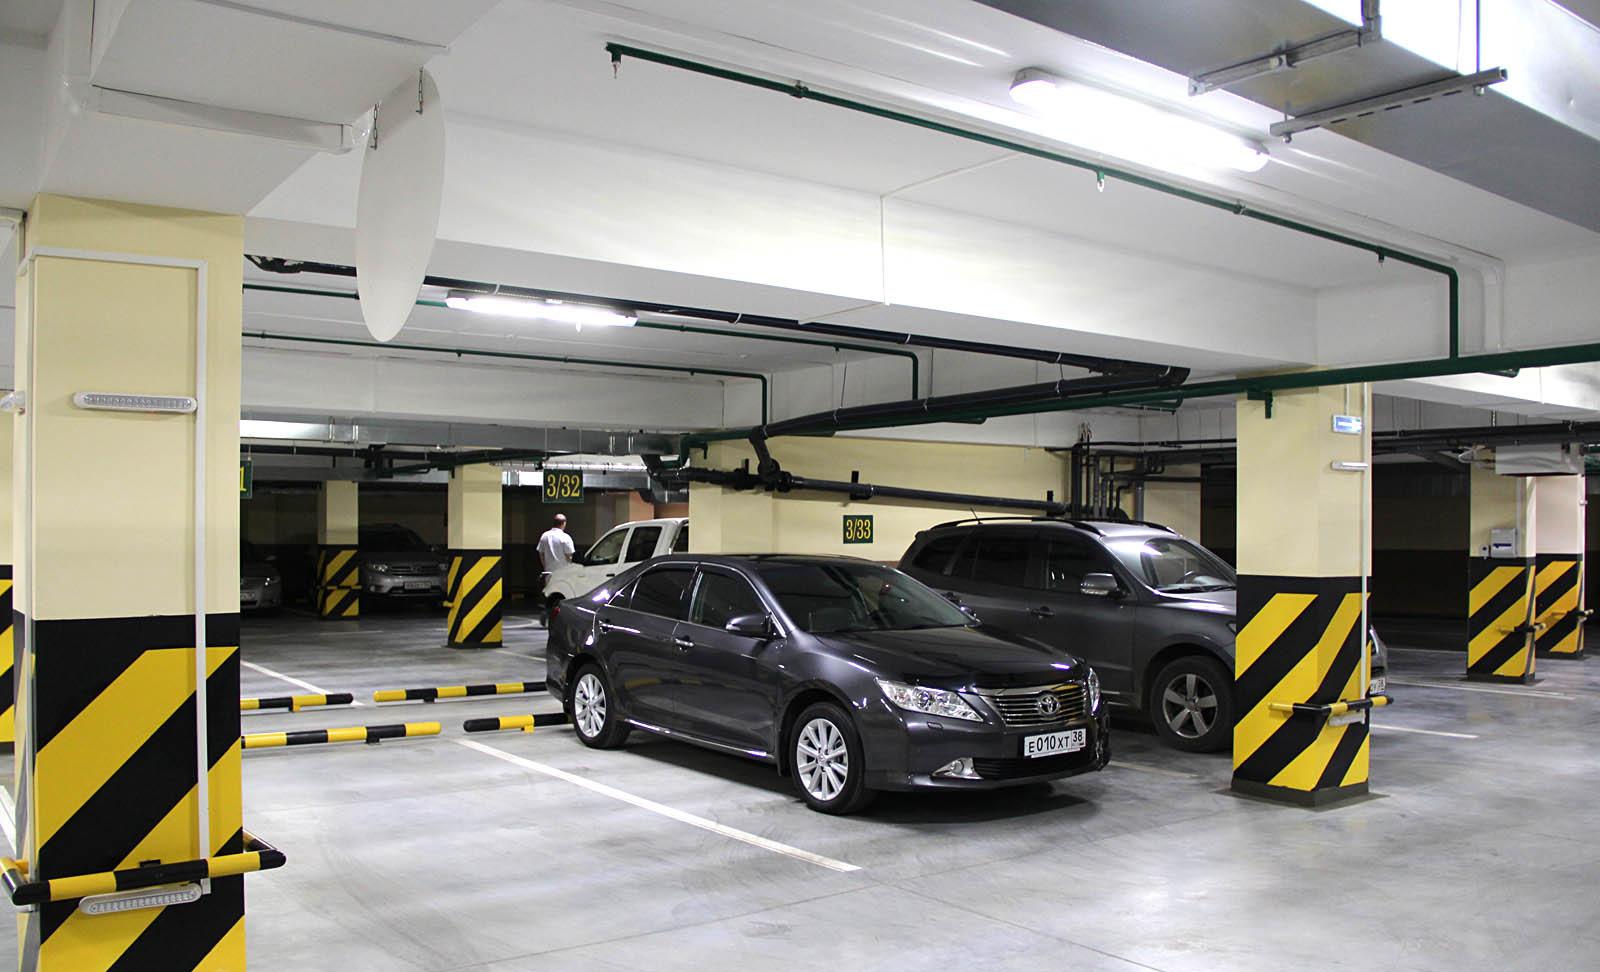 Стала известна средняя цена машино-места на паркинге в Москве